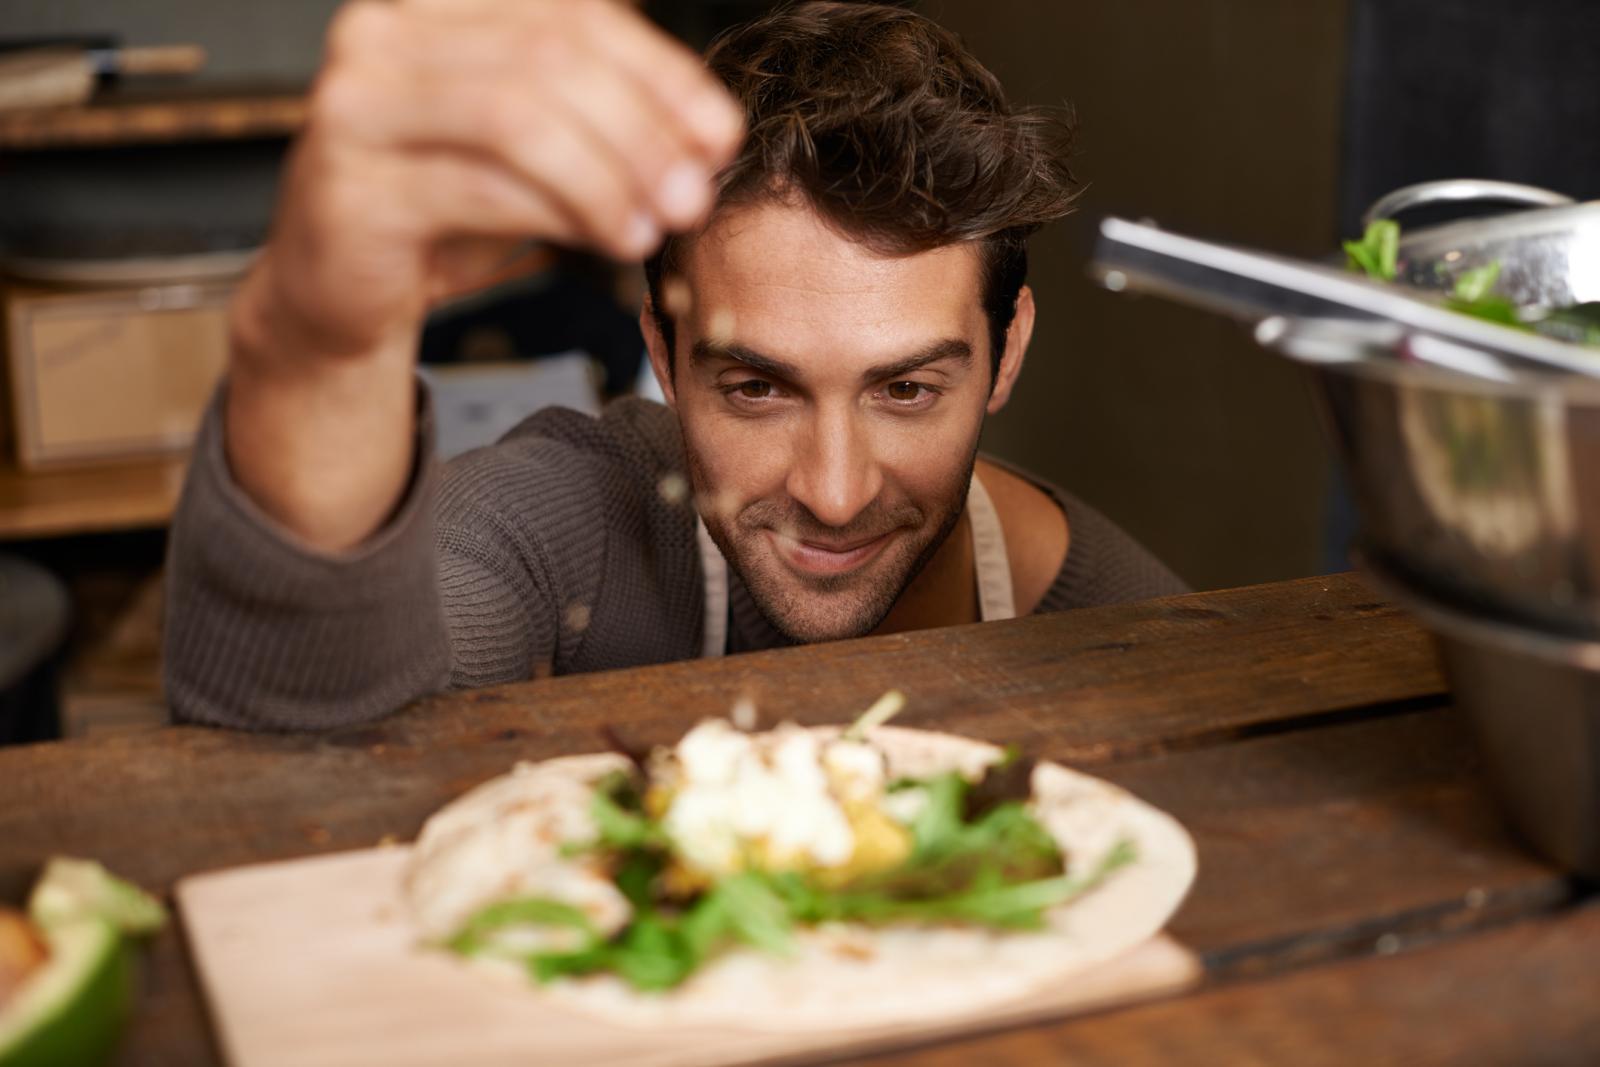 Kad doista shvatite da govorimo o bolesti stila života, možda se više i posvetite zdravoj prehrani...